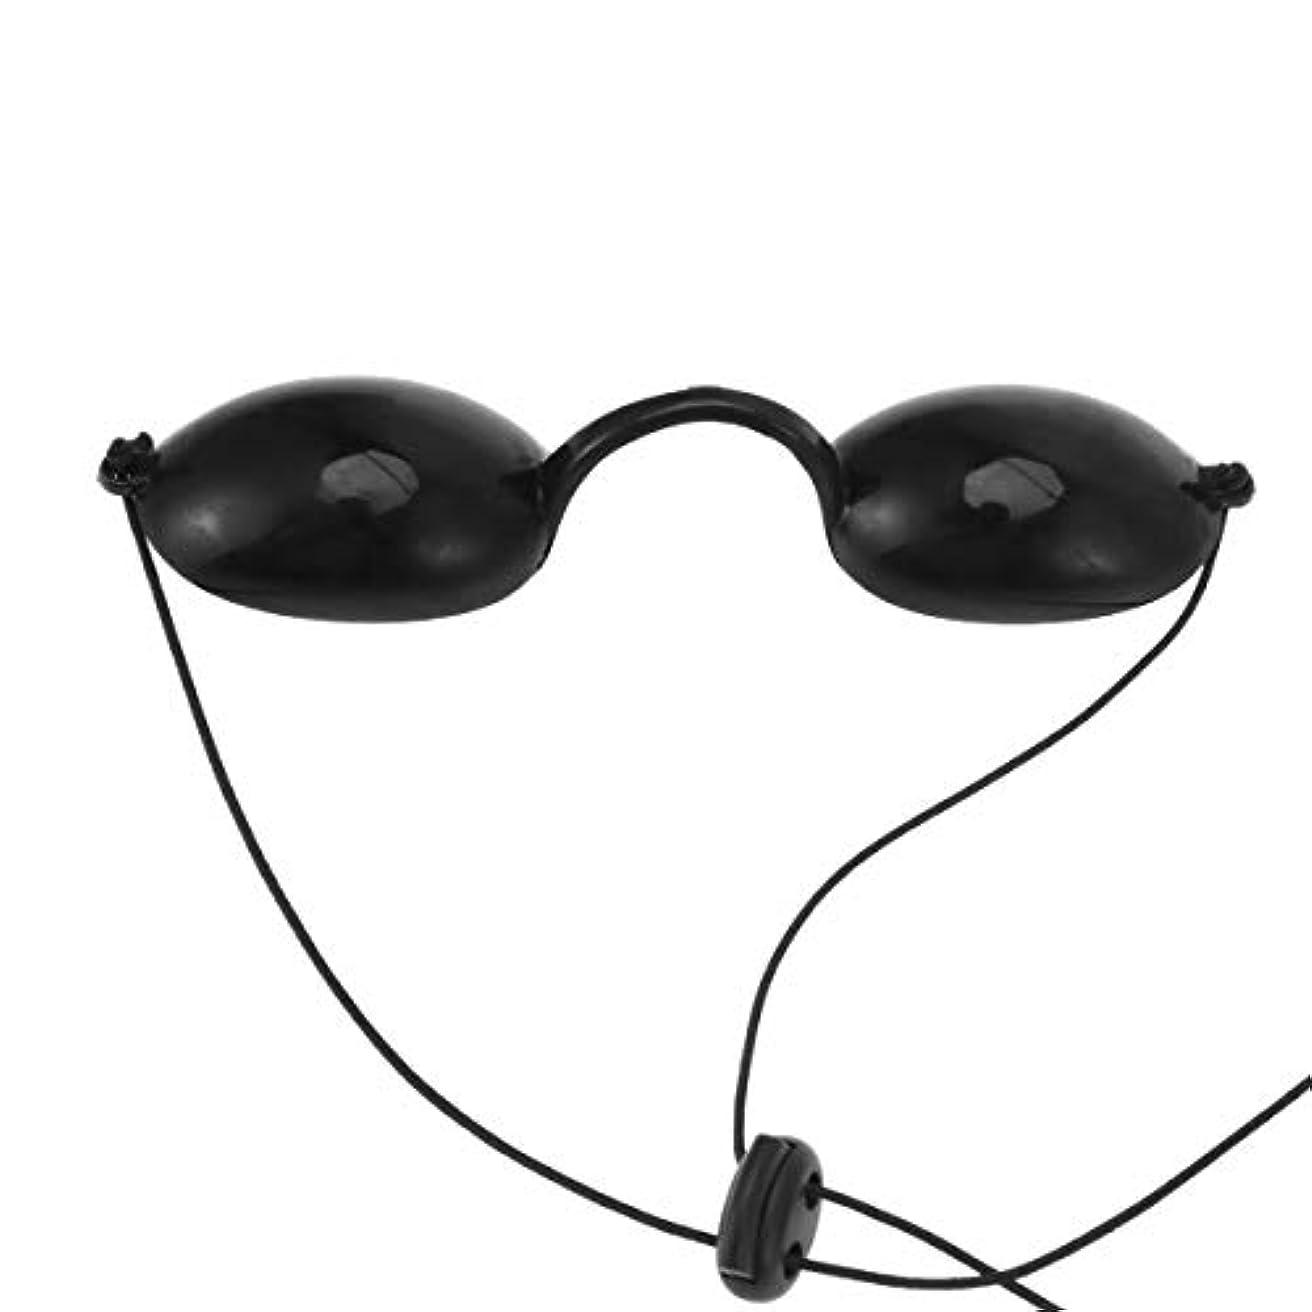 盲目階段古風なHealifty 眼用保護具日焼け止めゴーグル不透明保護メガネアイシールドスペシャル(目黒)